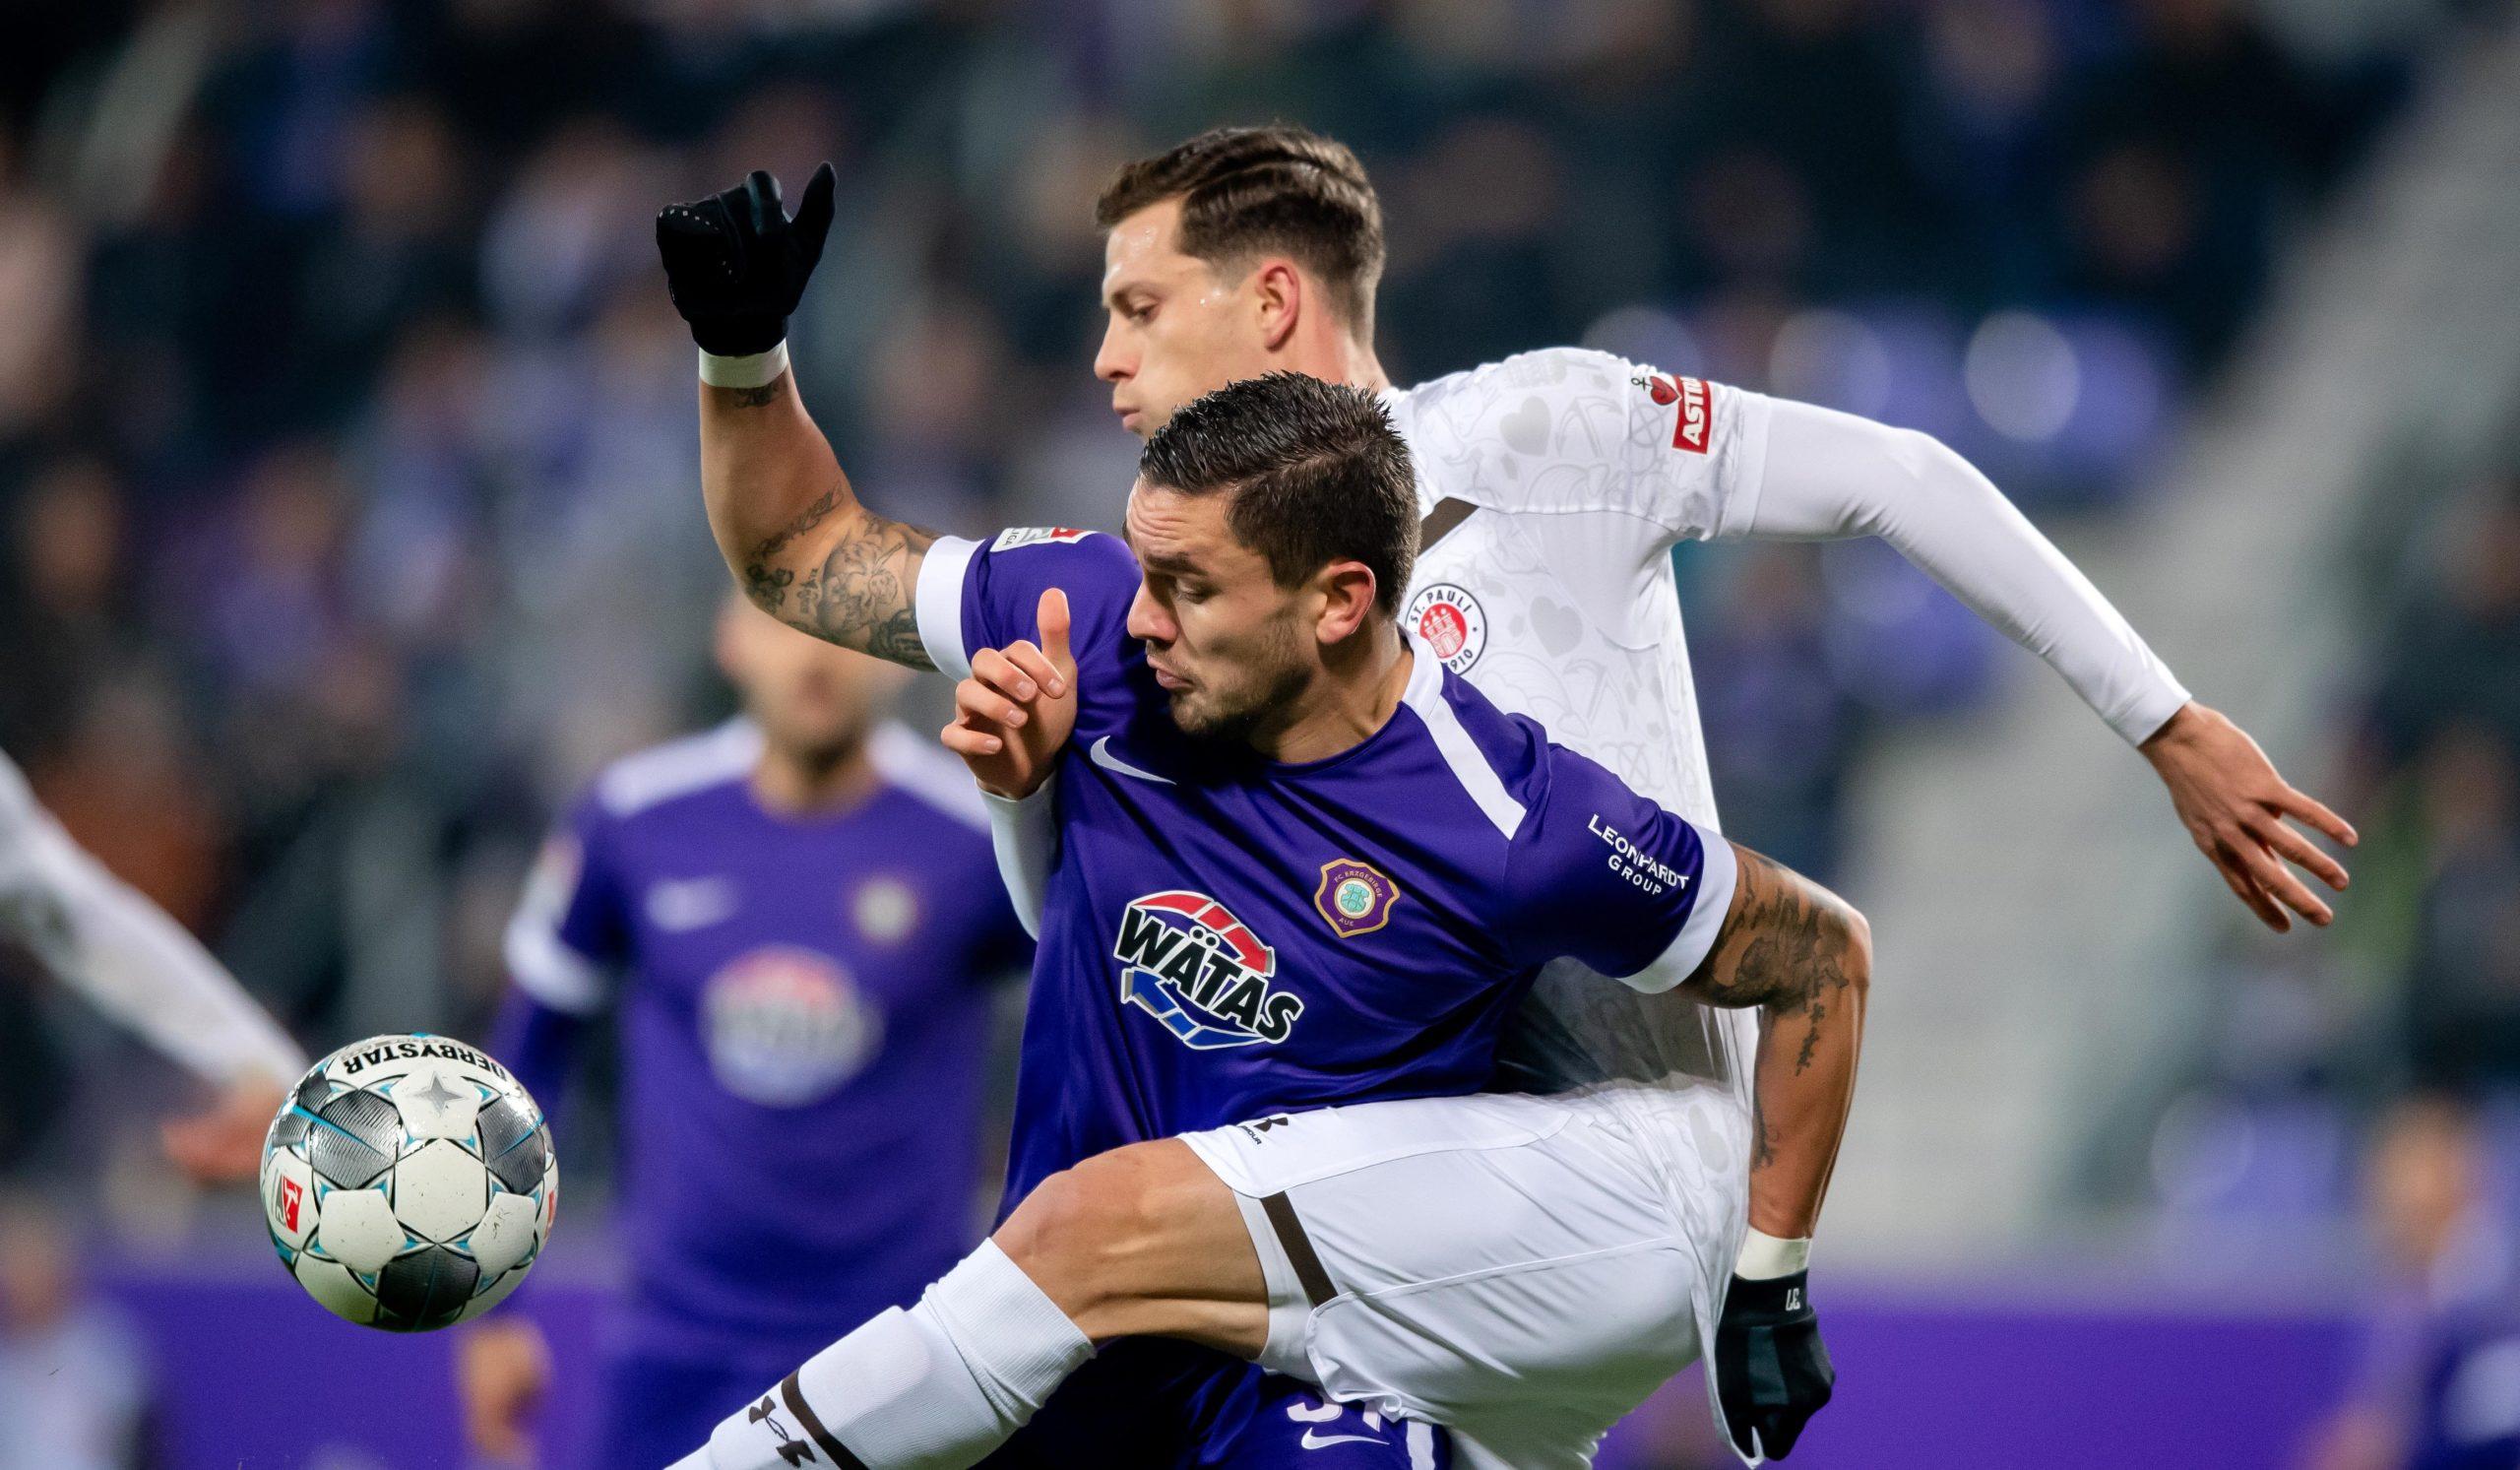 Vorbericht: FC St. Pauli – Erzgebirge Aue (11. Spieltag, 20/21)